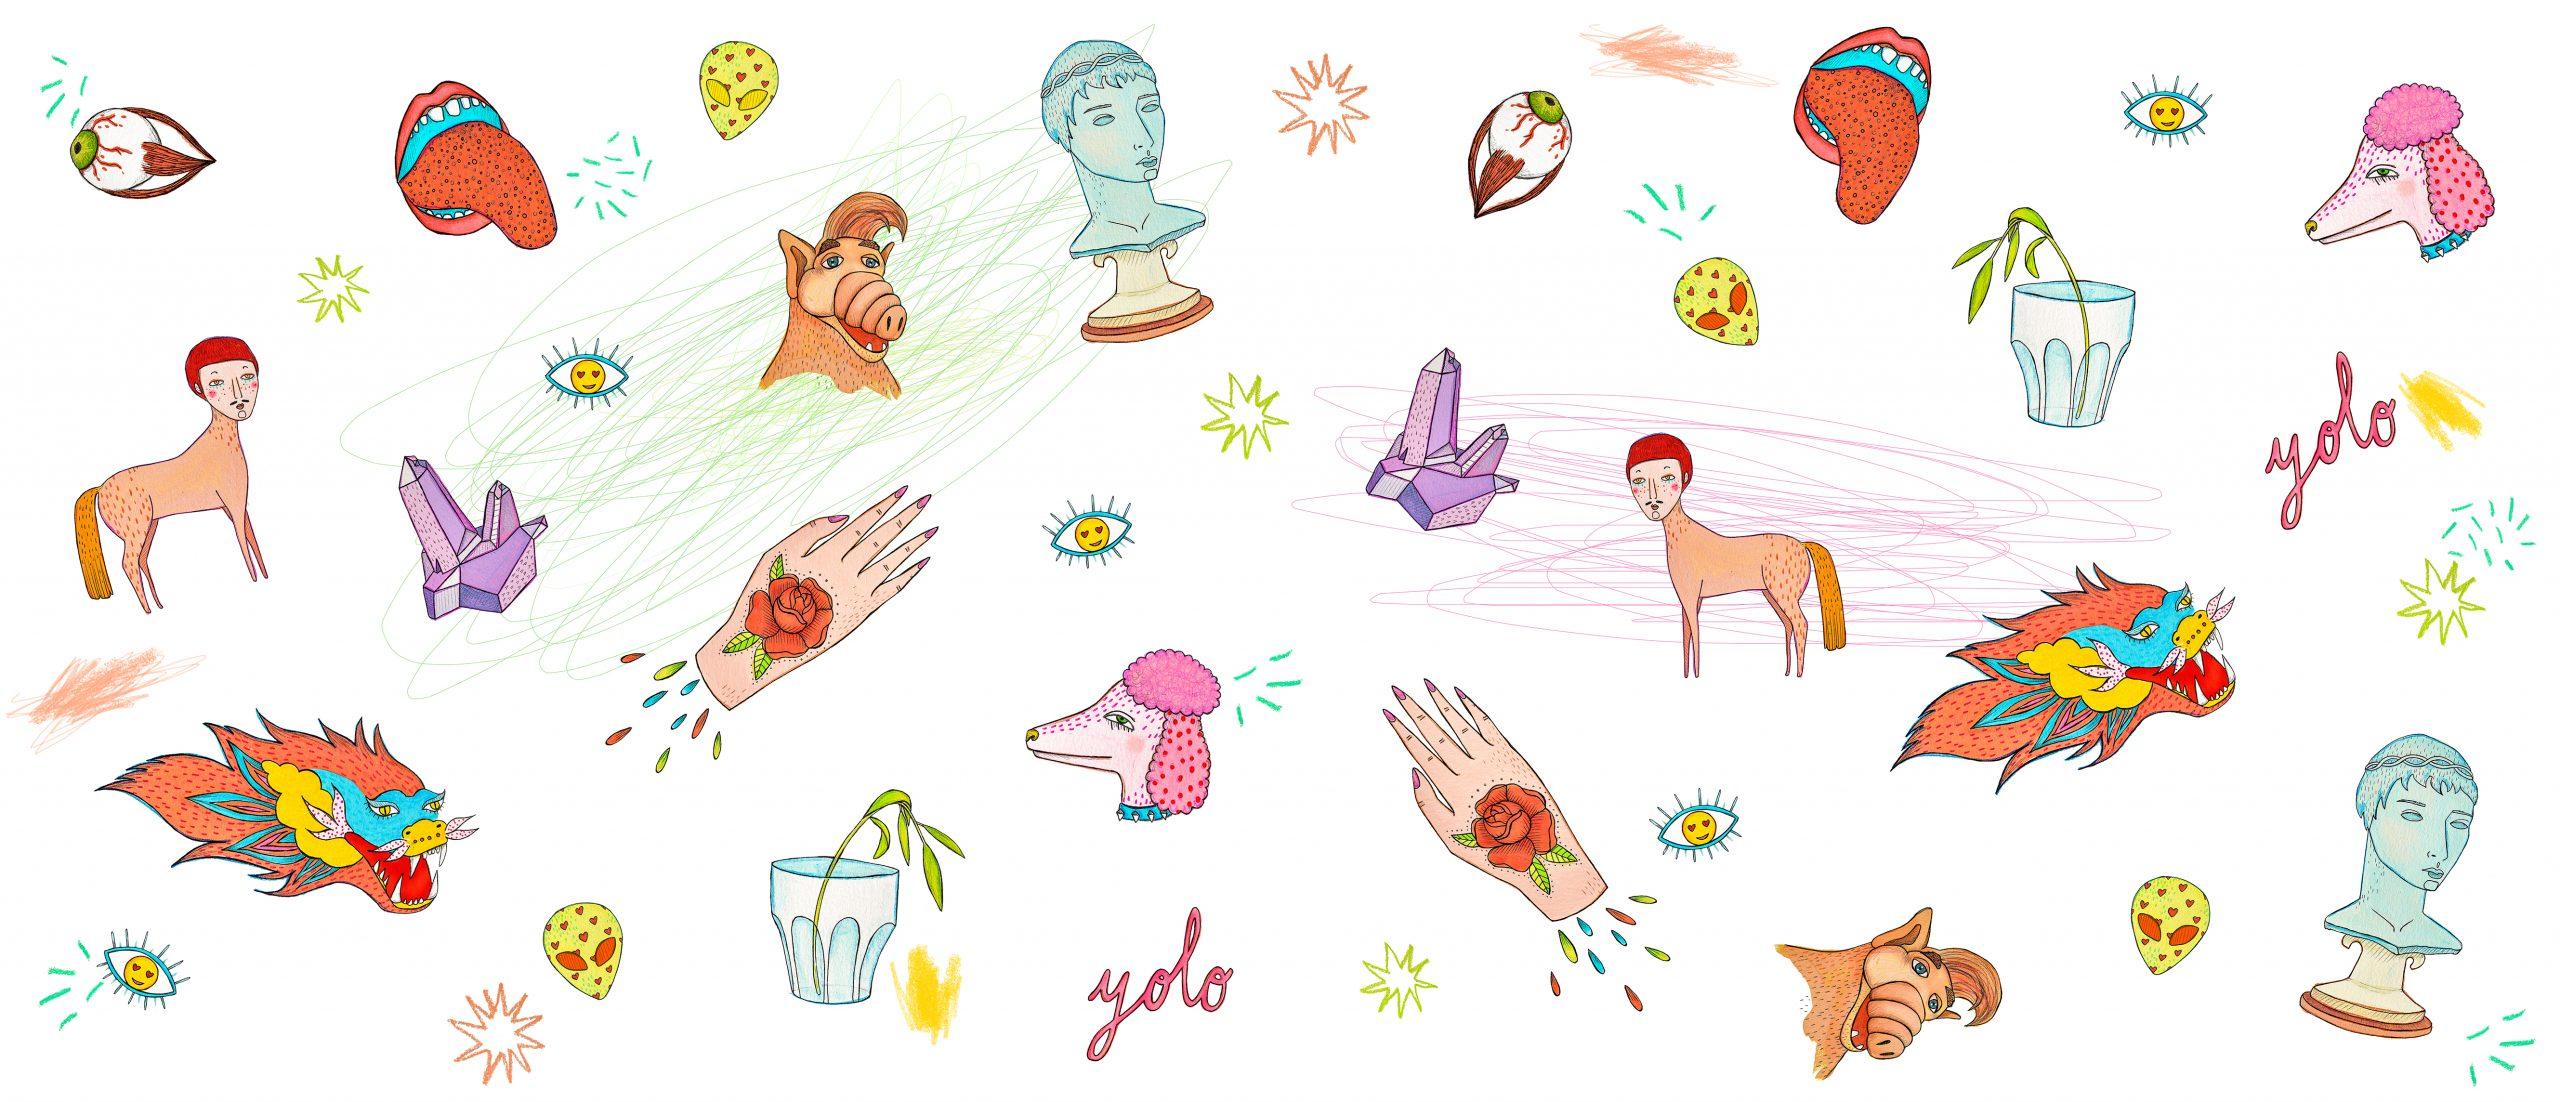 Pattern YOLO S